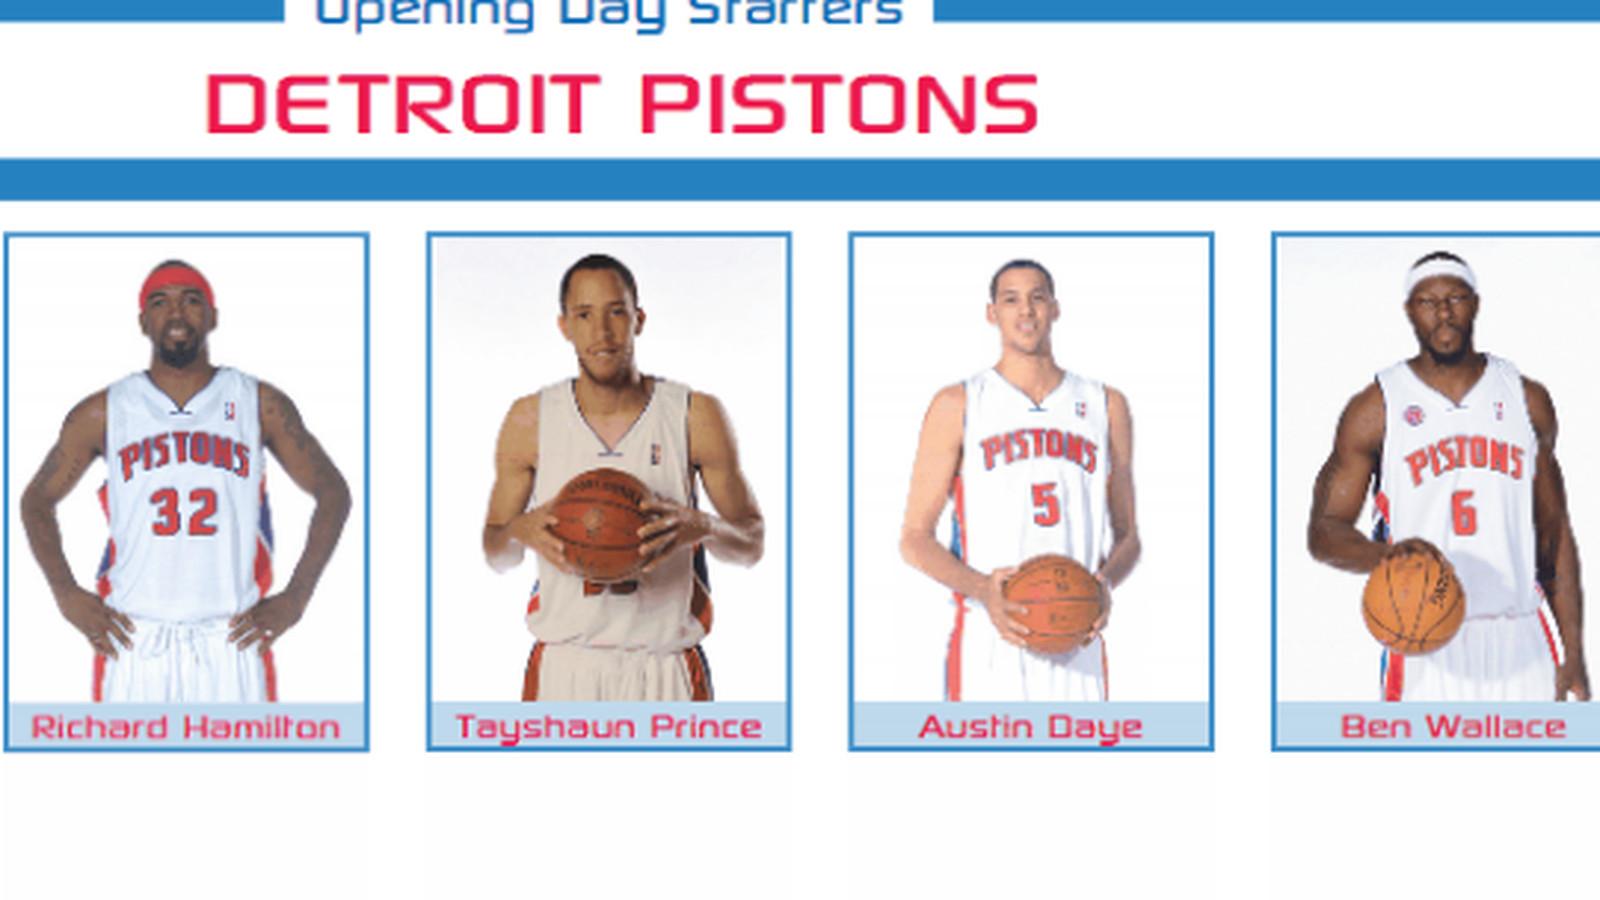 Detroit Pistons Starting Five